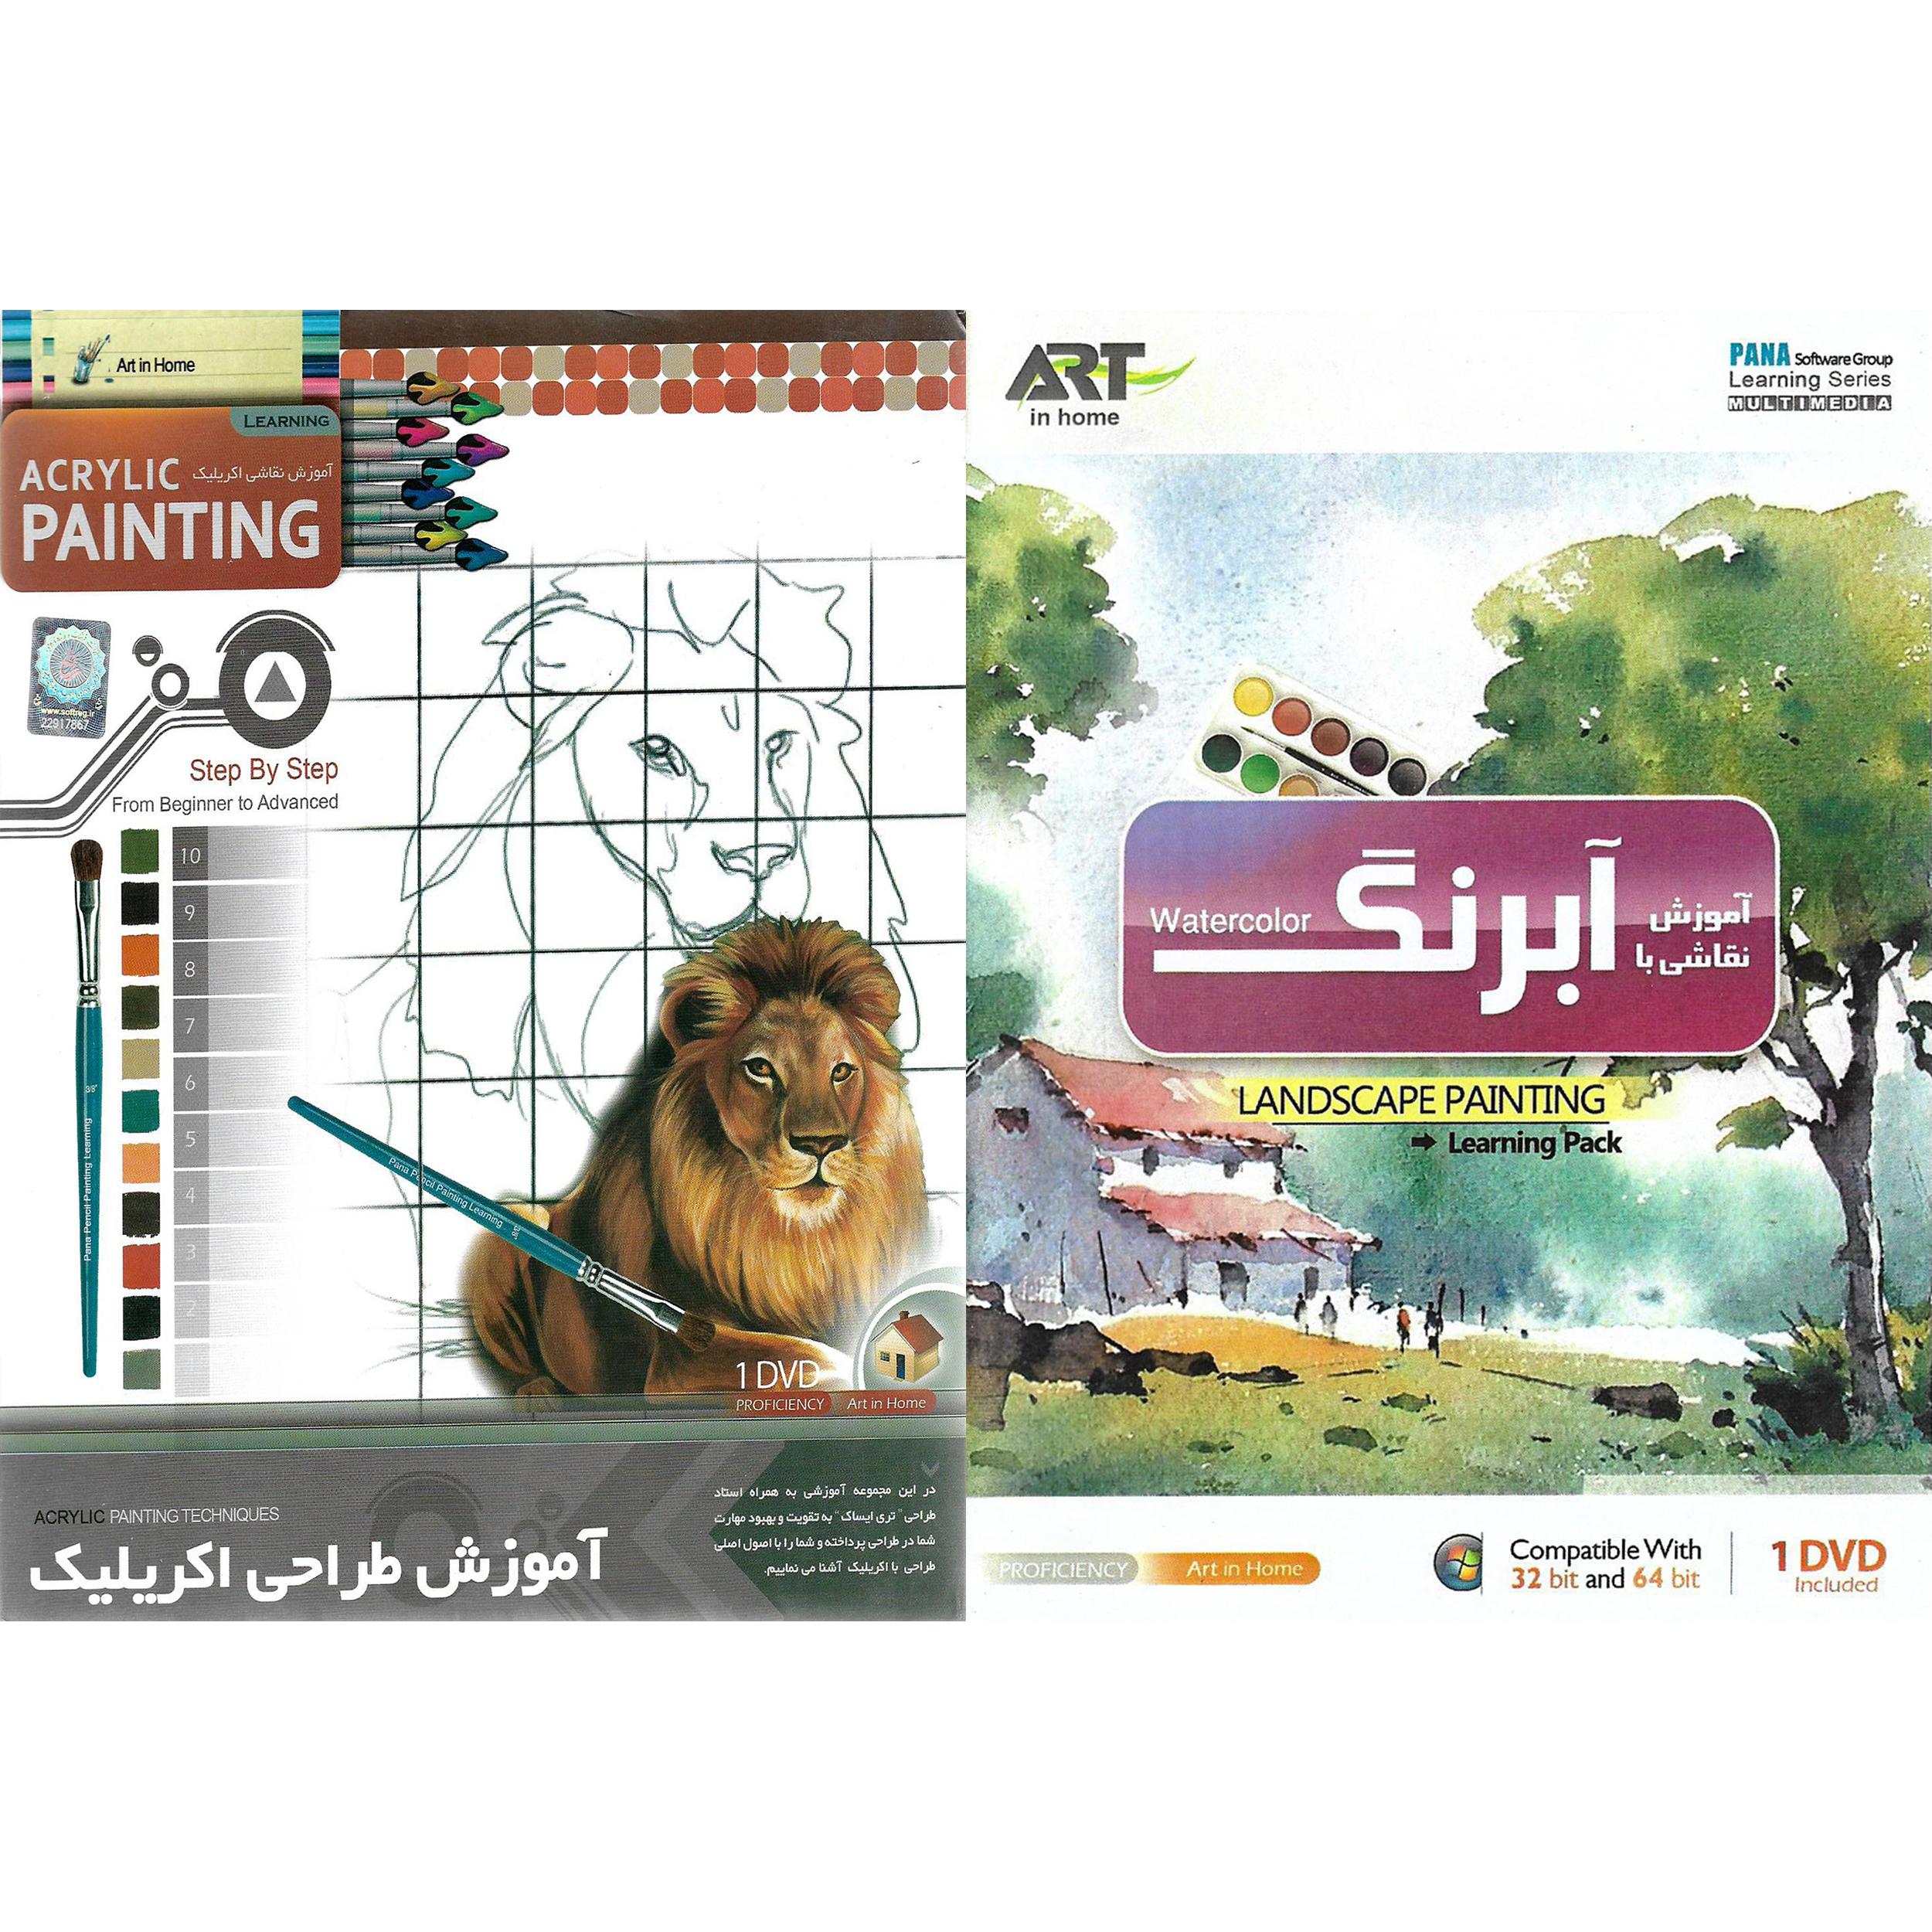 نرم افزار آموزش نقاشی با آبرنگ نشر پانا به همراه نرم افزار آموزش طراحی اکریلیک نشر پانا